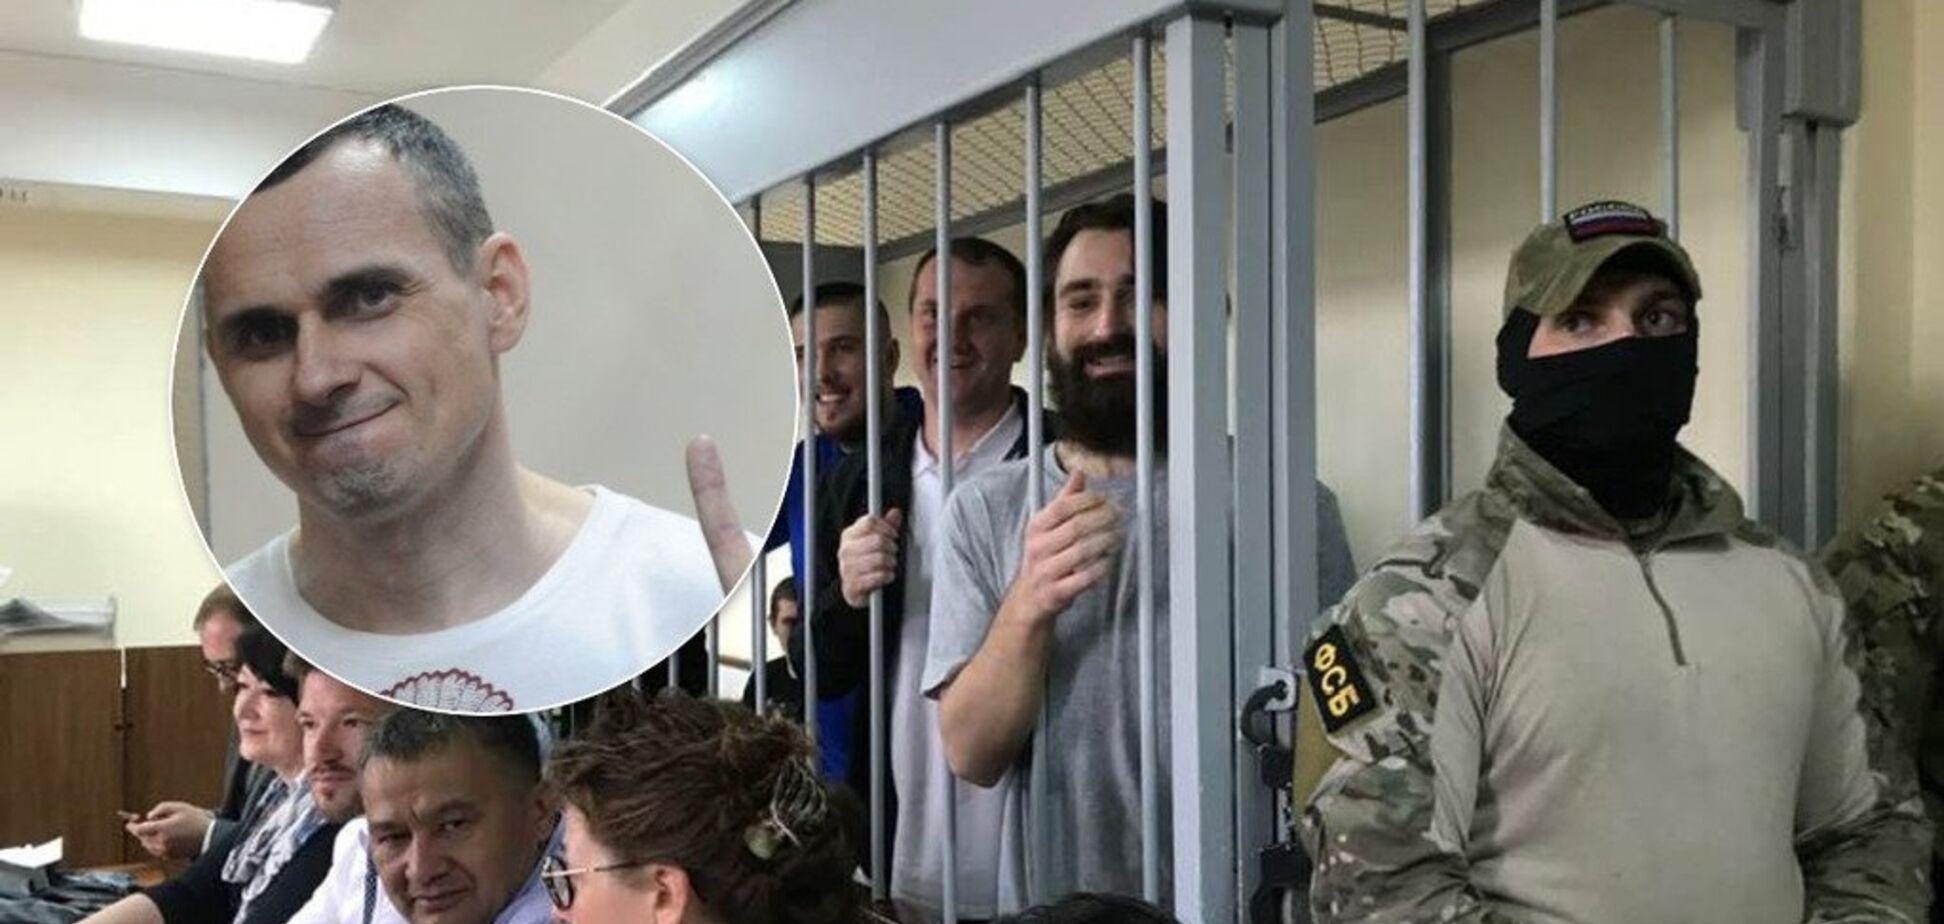 Самолет с Сенцовым и Сущенко приземлился на военном аэродроме — источник